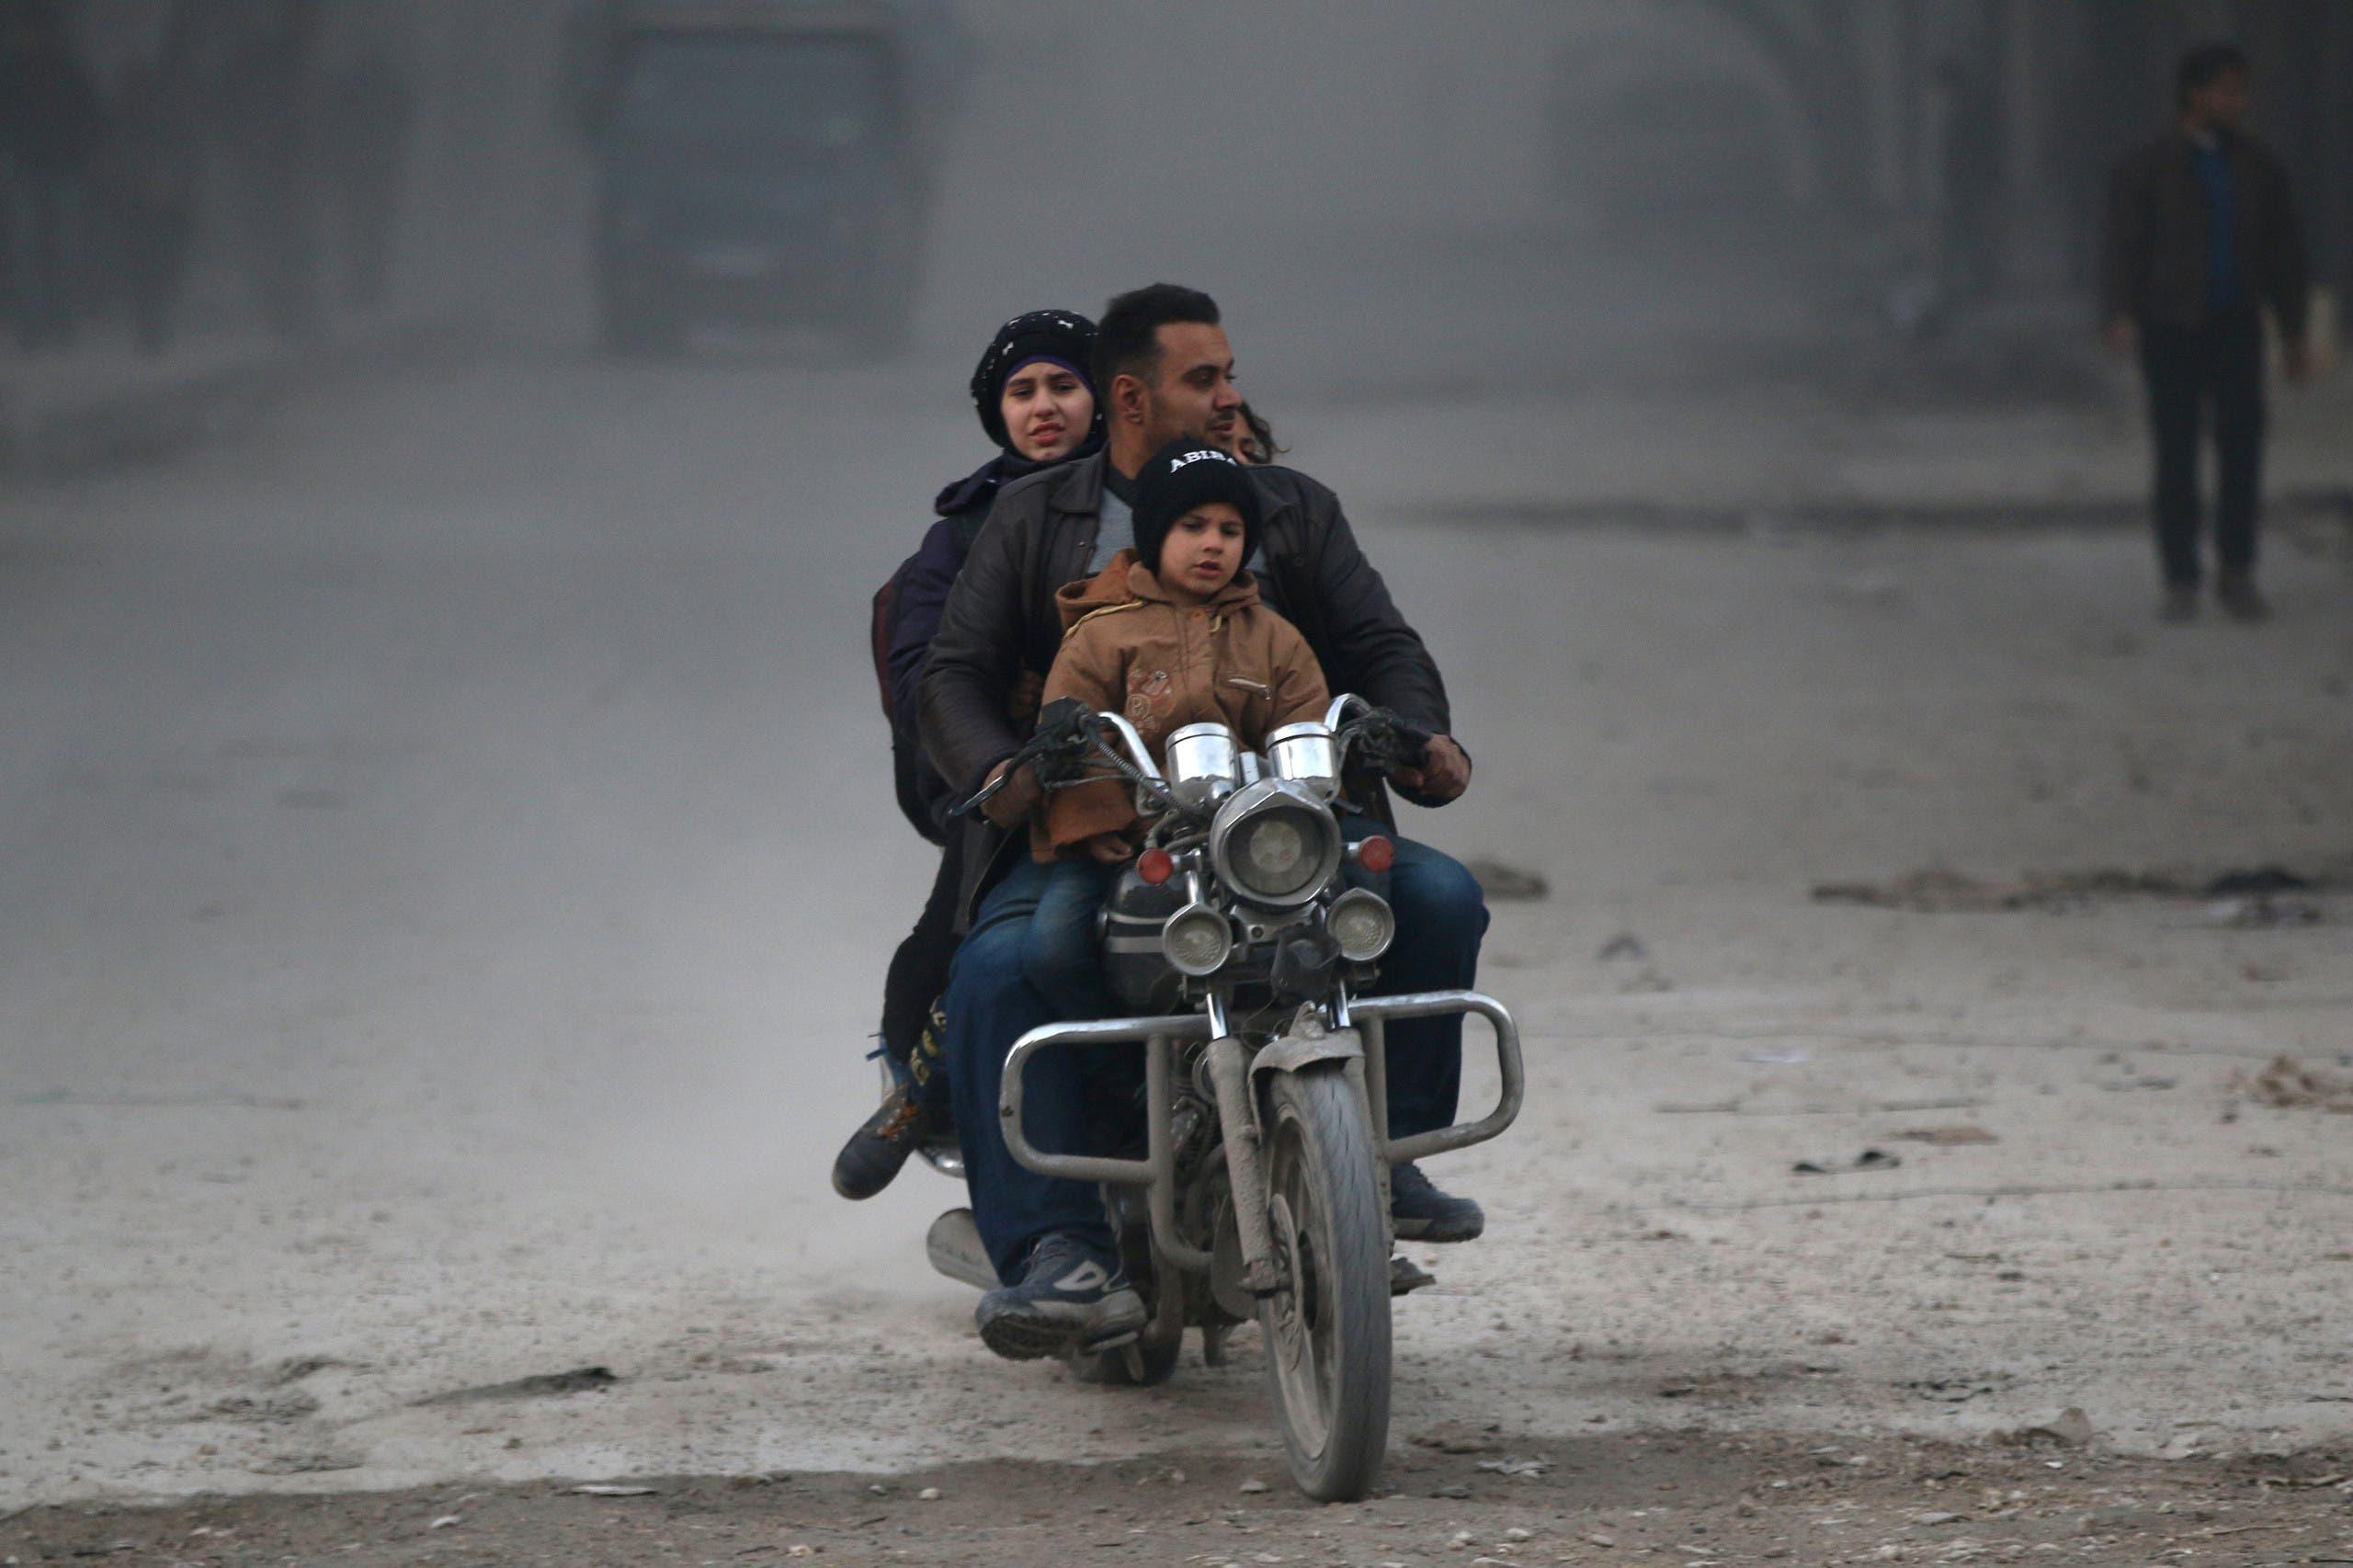 مدنيون يستقلون دراجة نارية للهروب والدخول في عمق مناطق سيطرة المعارضة في حلب الشرقية